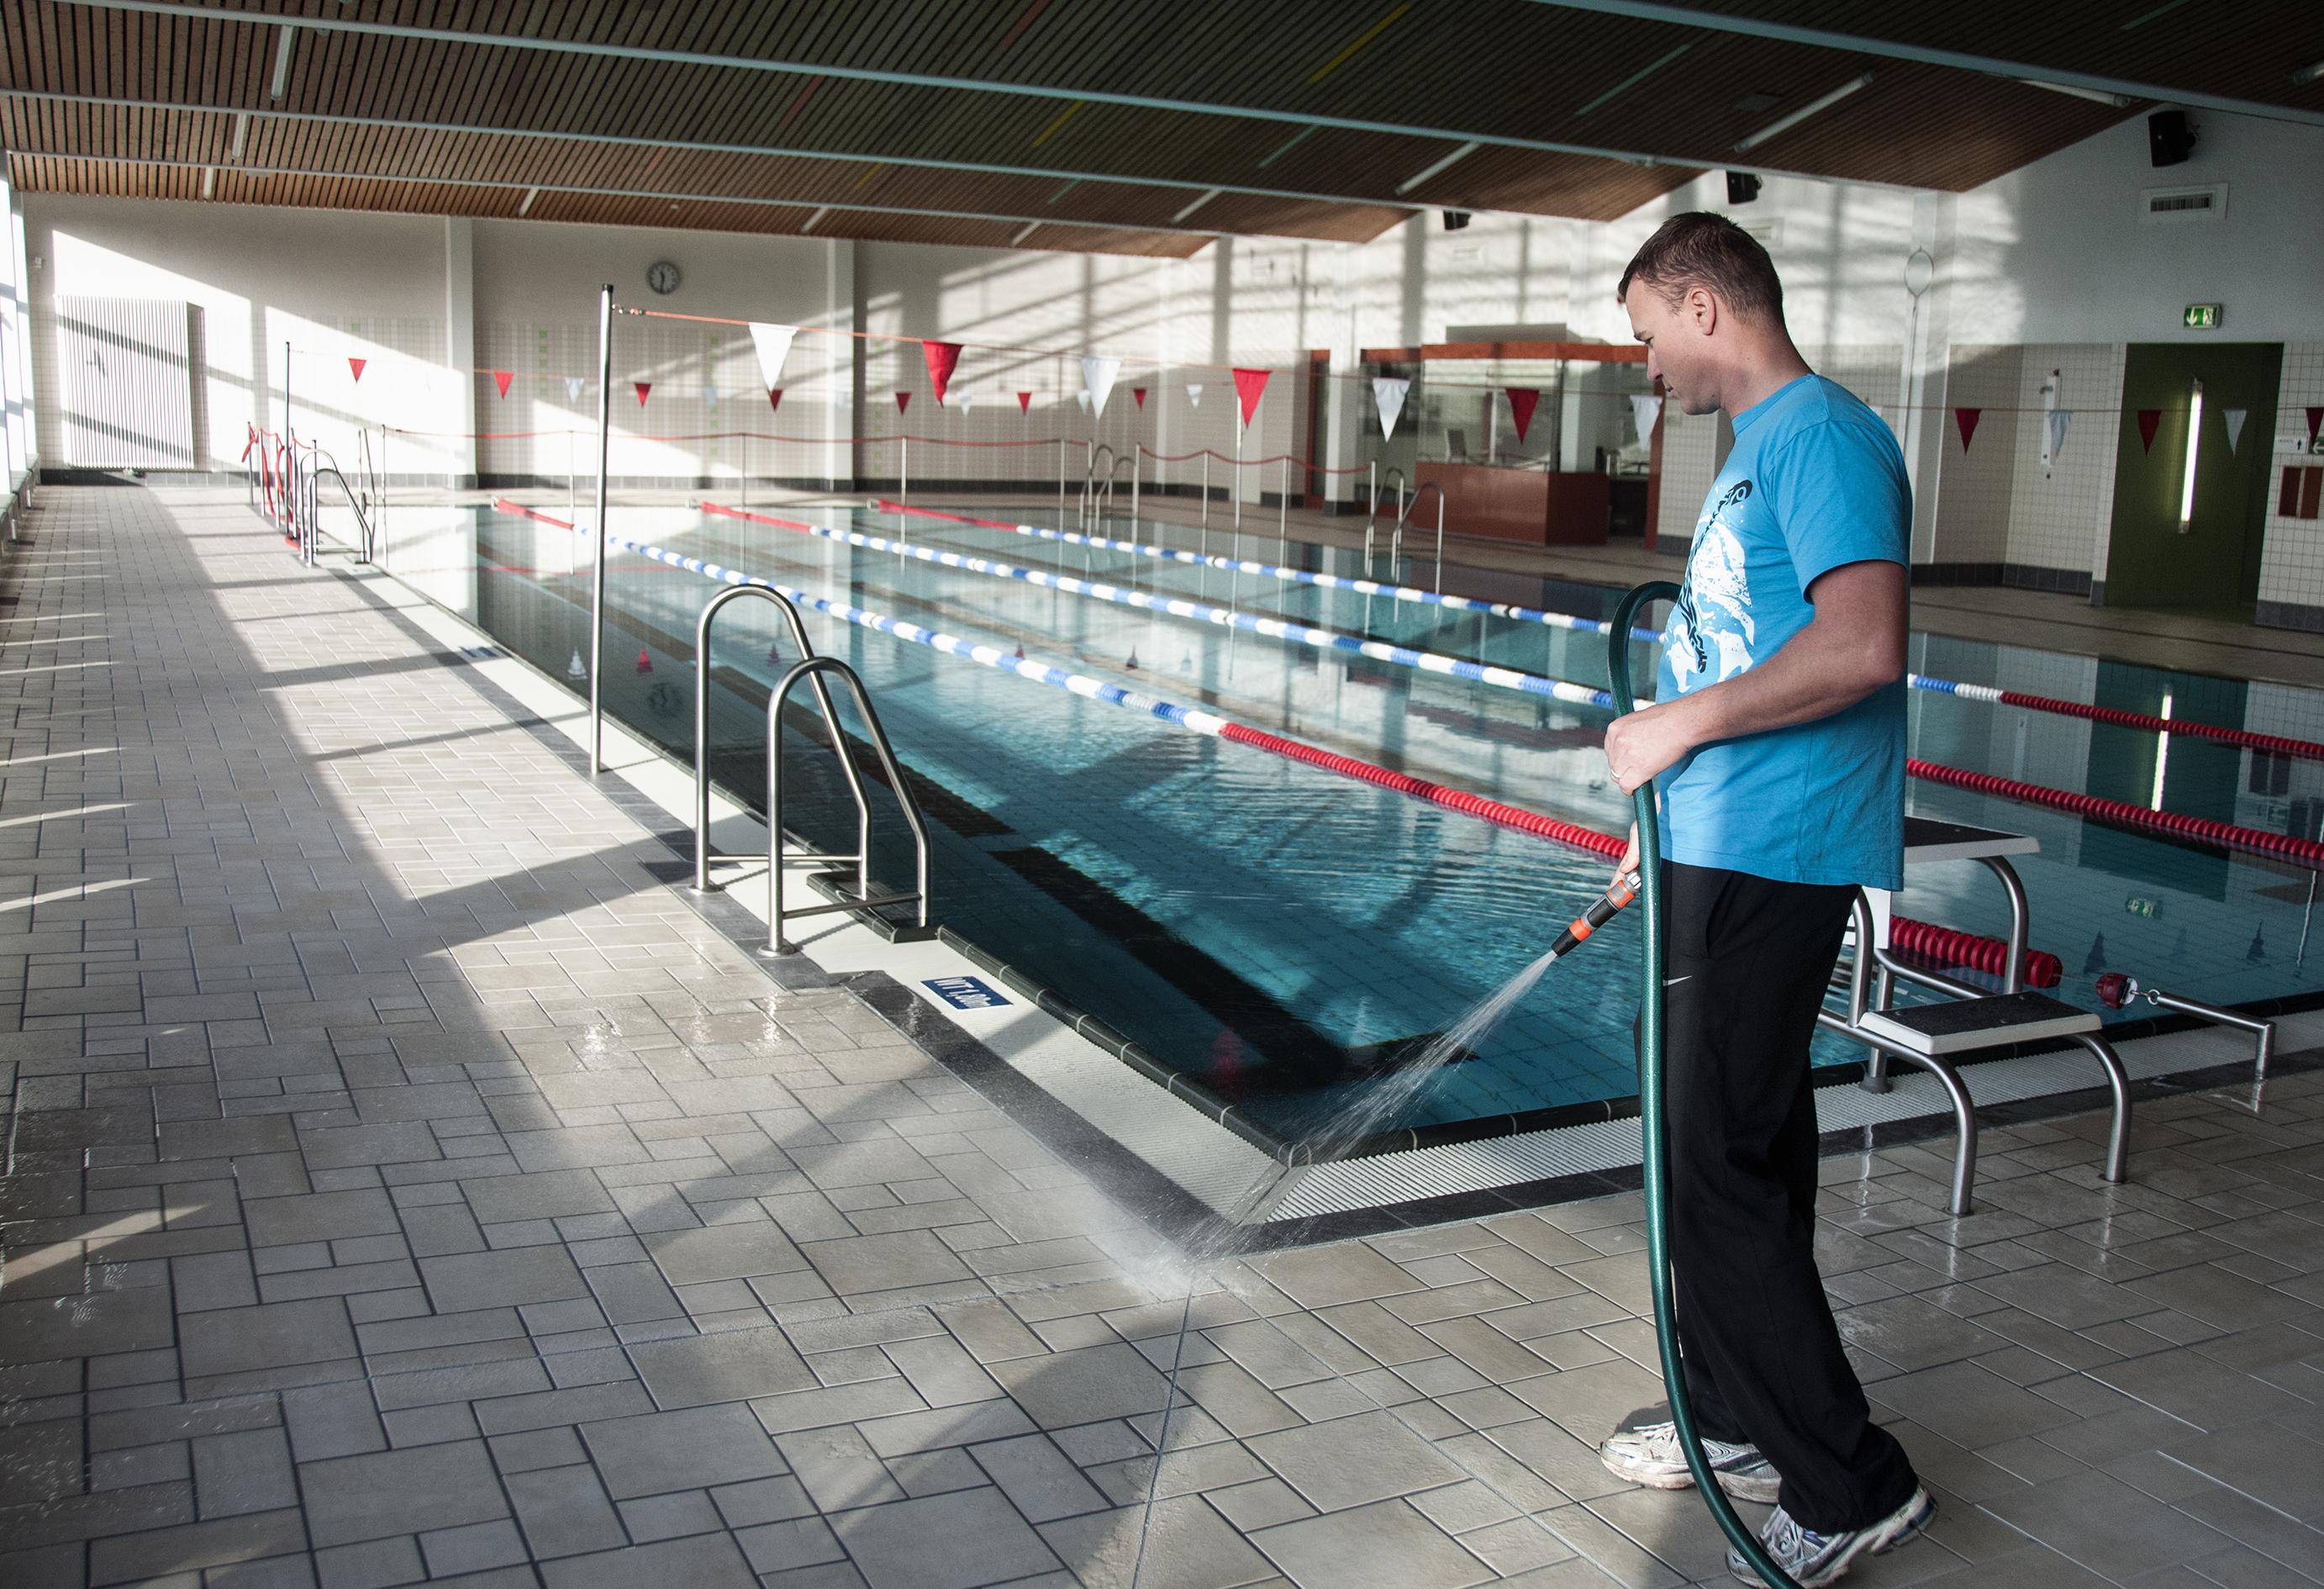 Schwimmbad Wolbeck stadt münster presse und informationsamt pressemeldungen